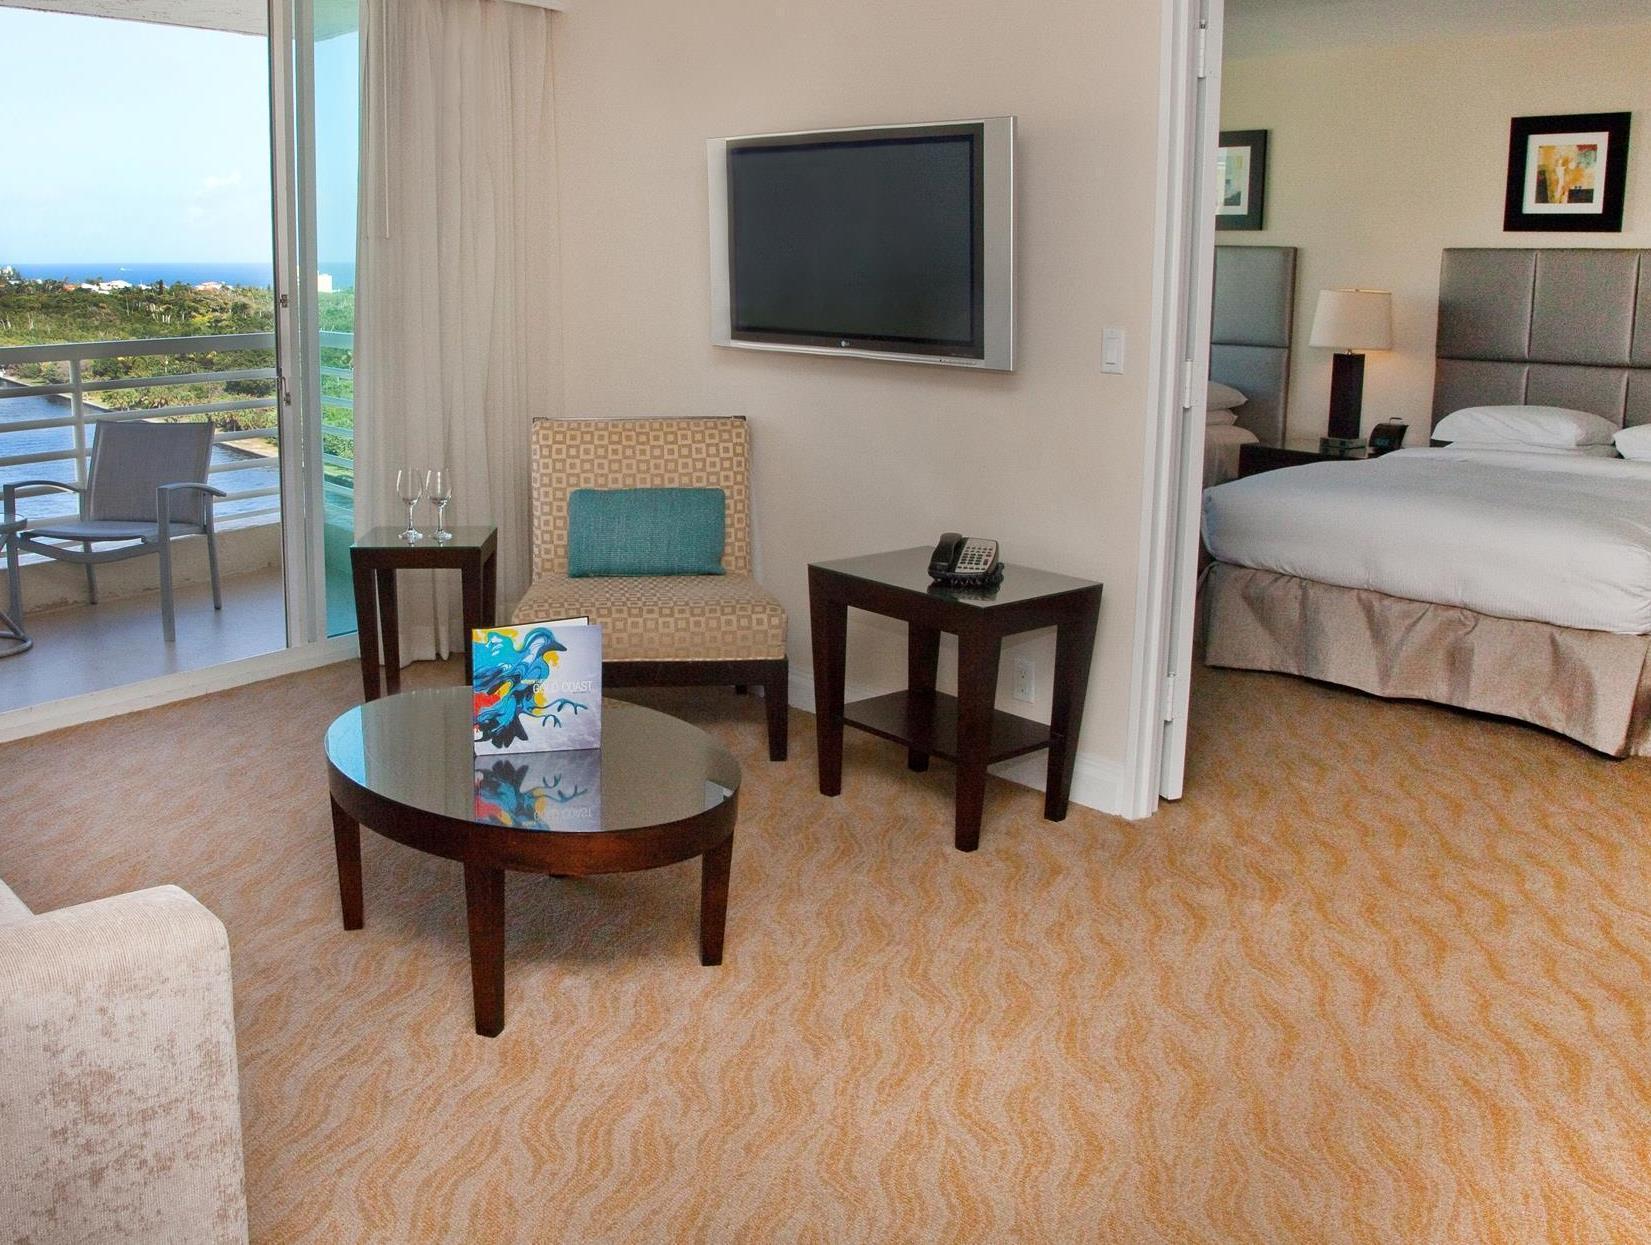 GALLERYone- A DoubleTree Suites by Hilton Hotel, Broward